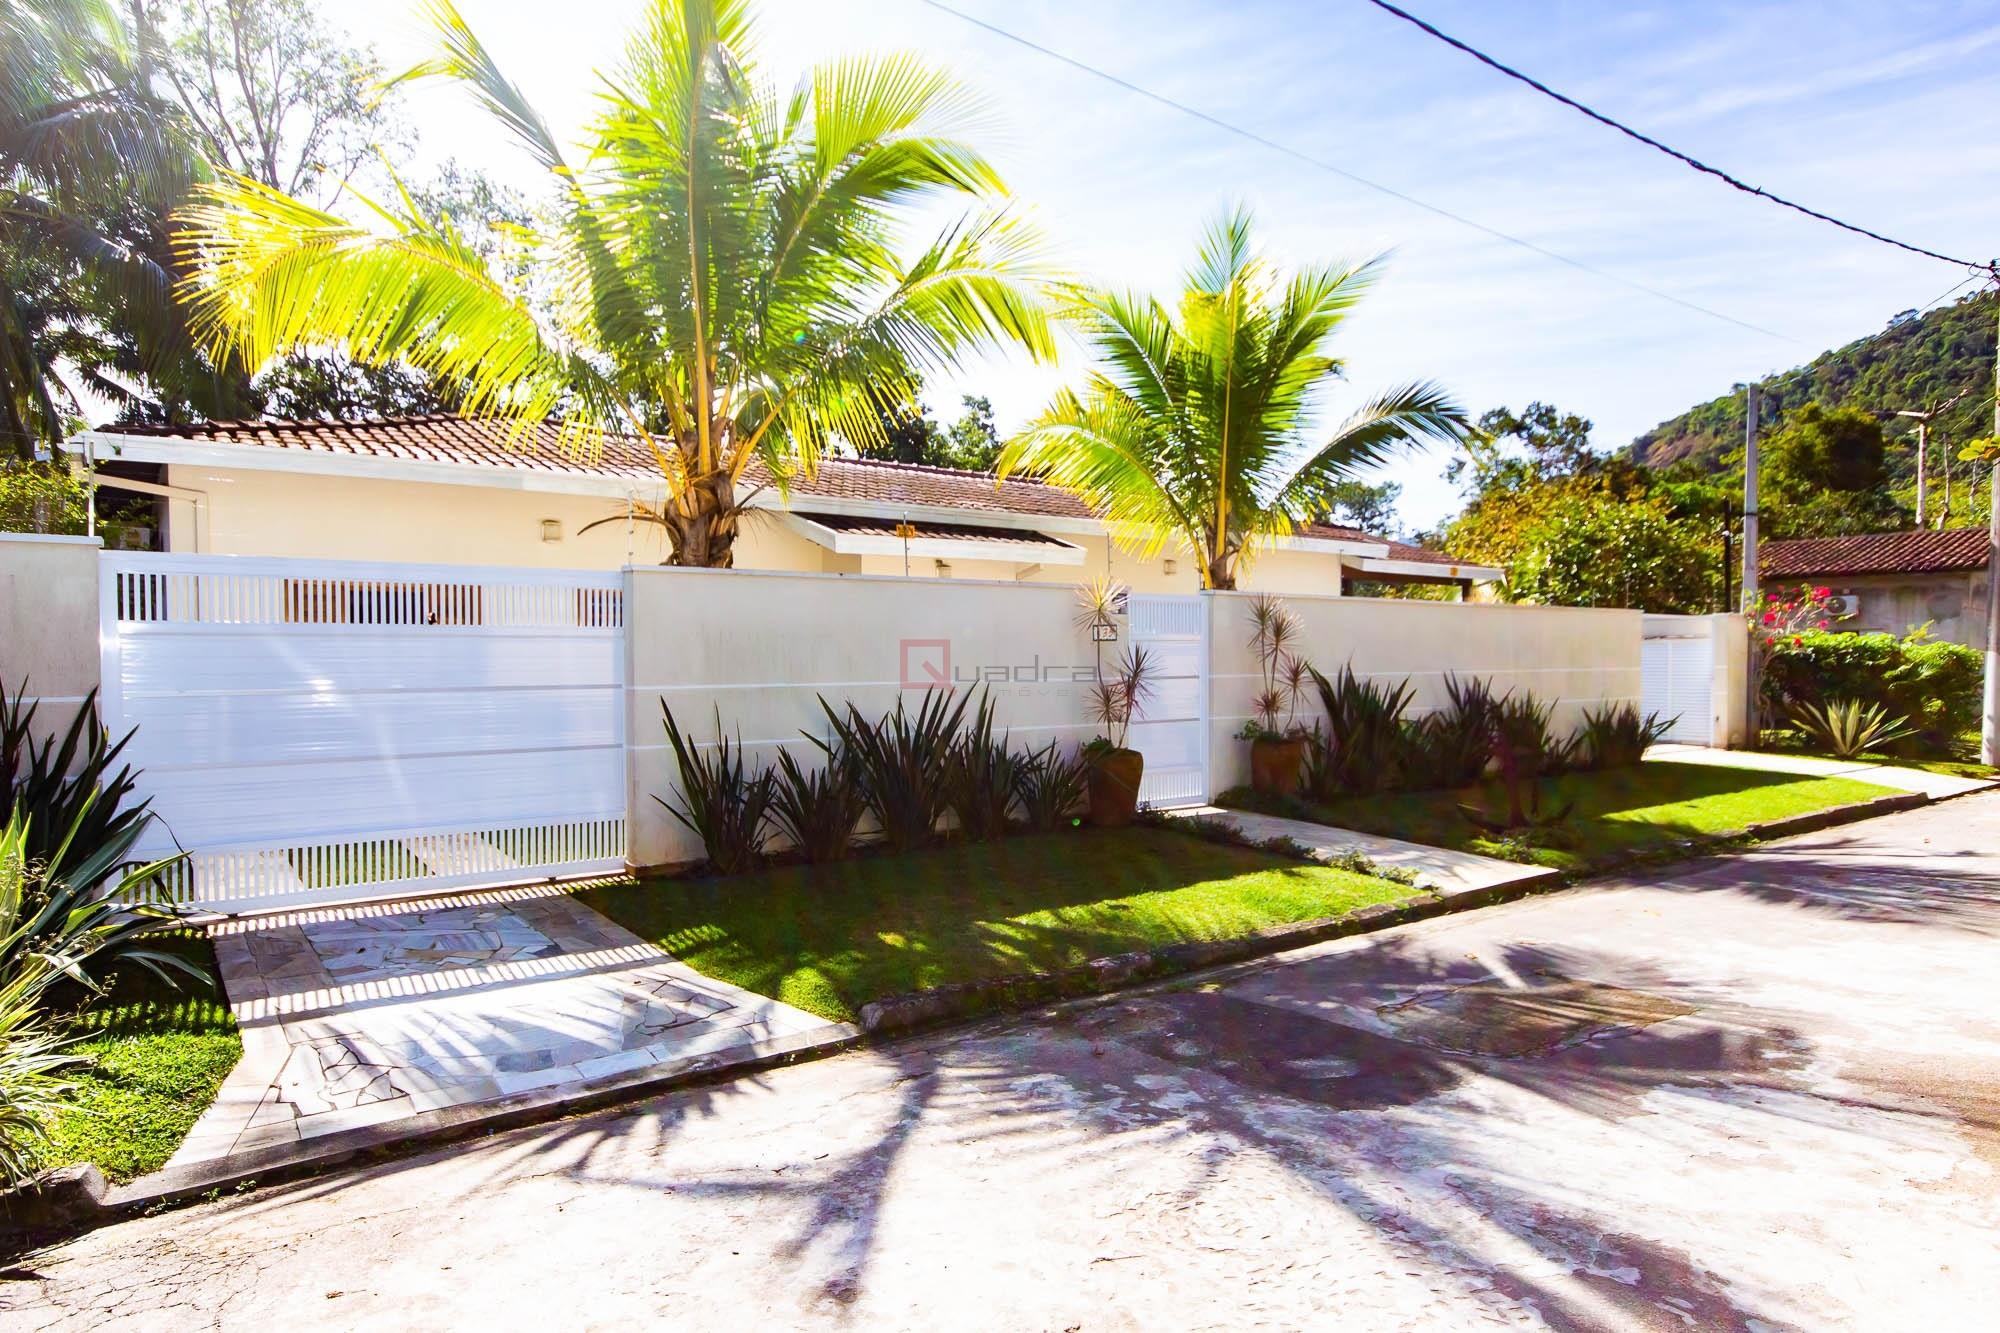 Casa com 3 suítes à venda em Caraguatatuba, no bairro Tabatinga